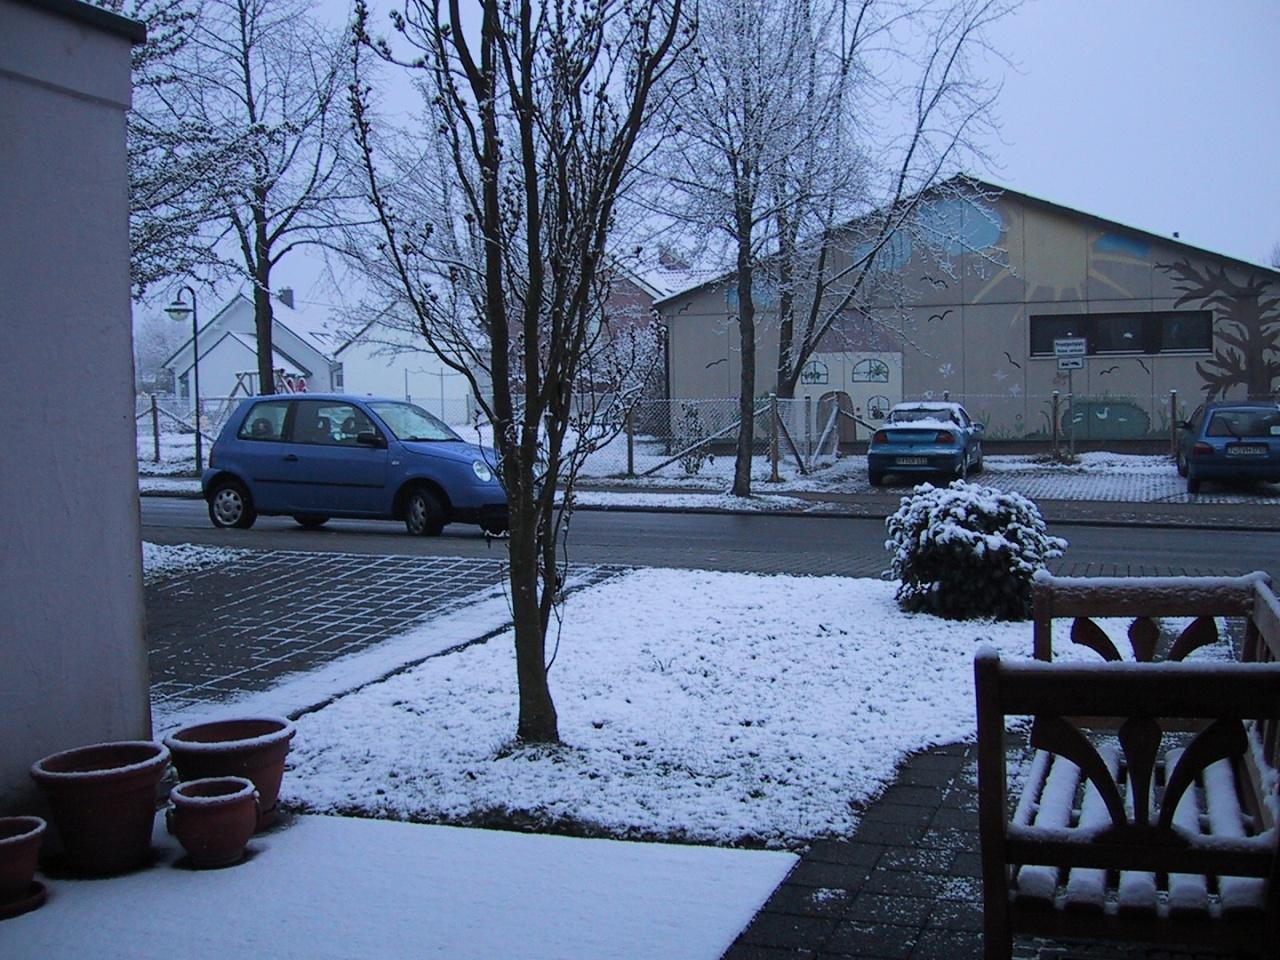 20030411_0739-Unglaublich_-_am_Tag_der_Abreise_schneit_es